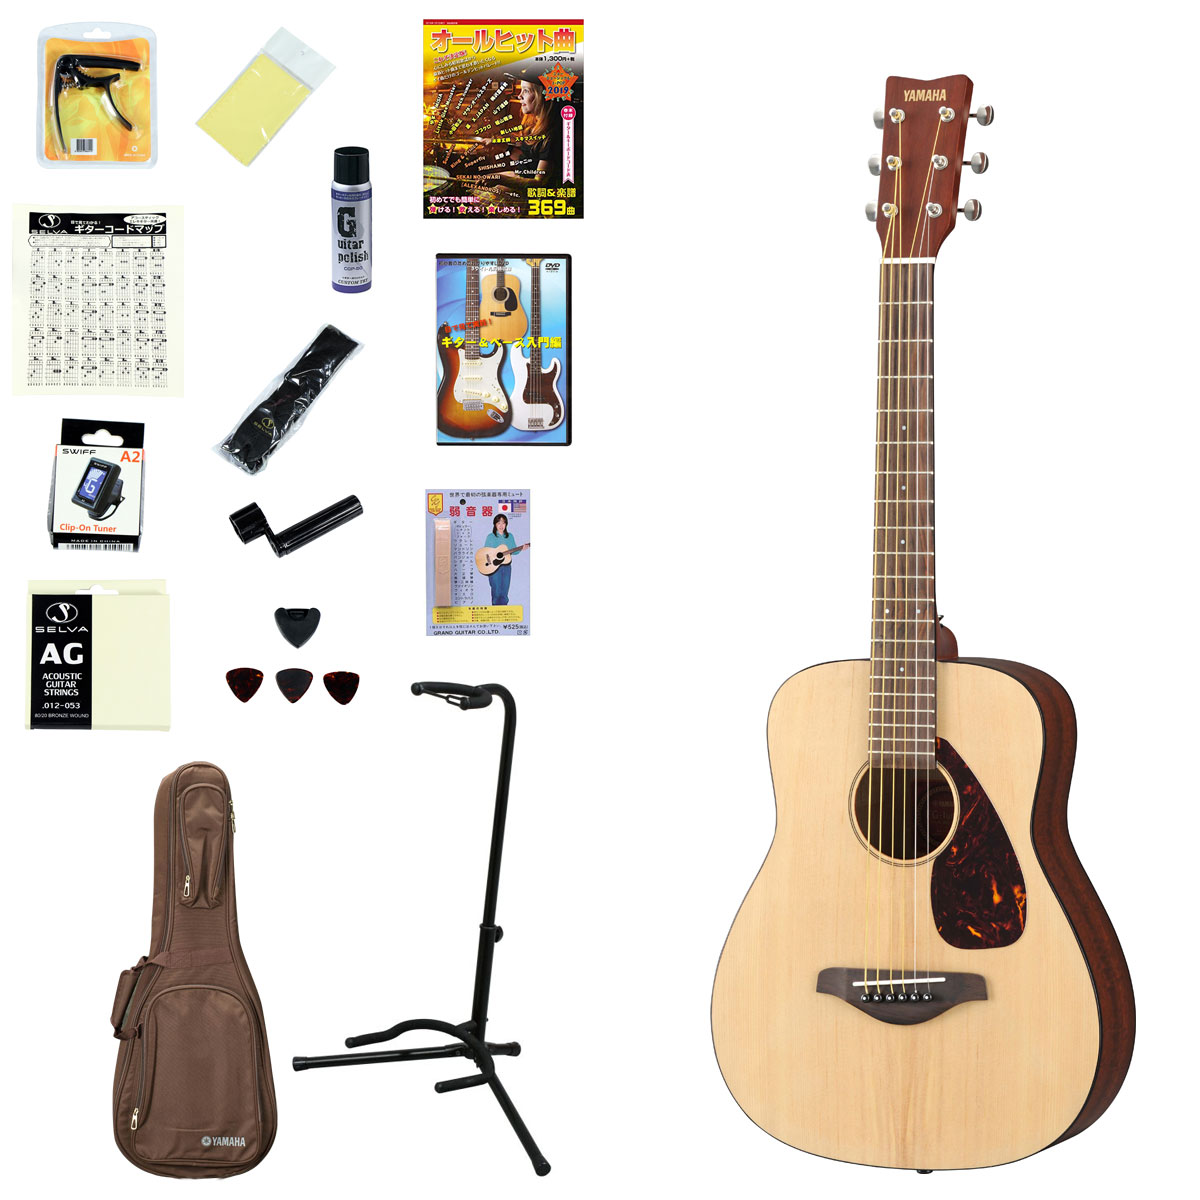 YAMAHA / JR2 NT(ナチュラル) 【オールヒット曲歌本17点入門セット】【楽譜が付いたお買い得セット】 ヤマハ アコースティックギター アコギ JR-2【YRK】